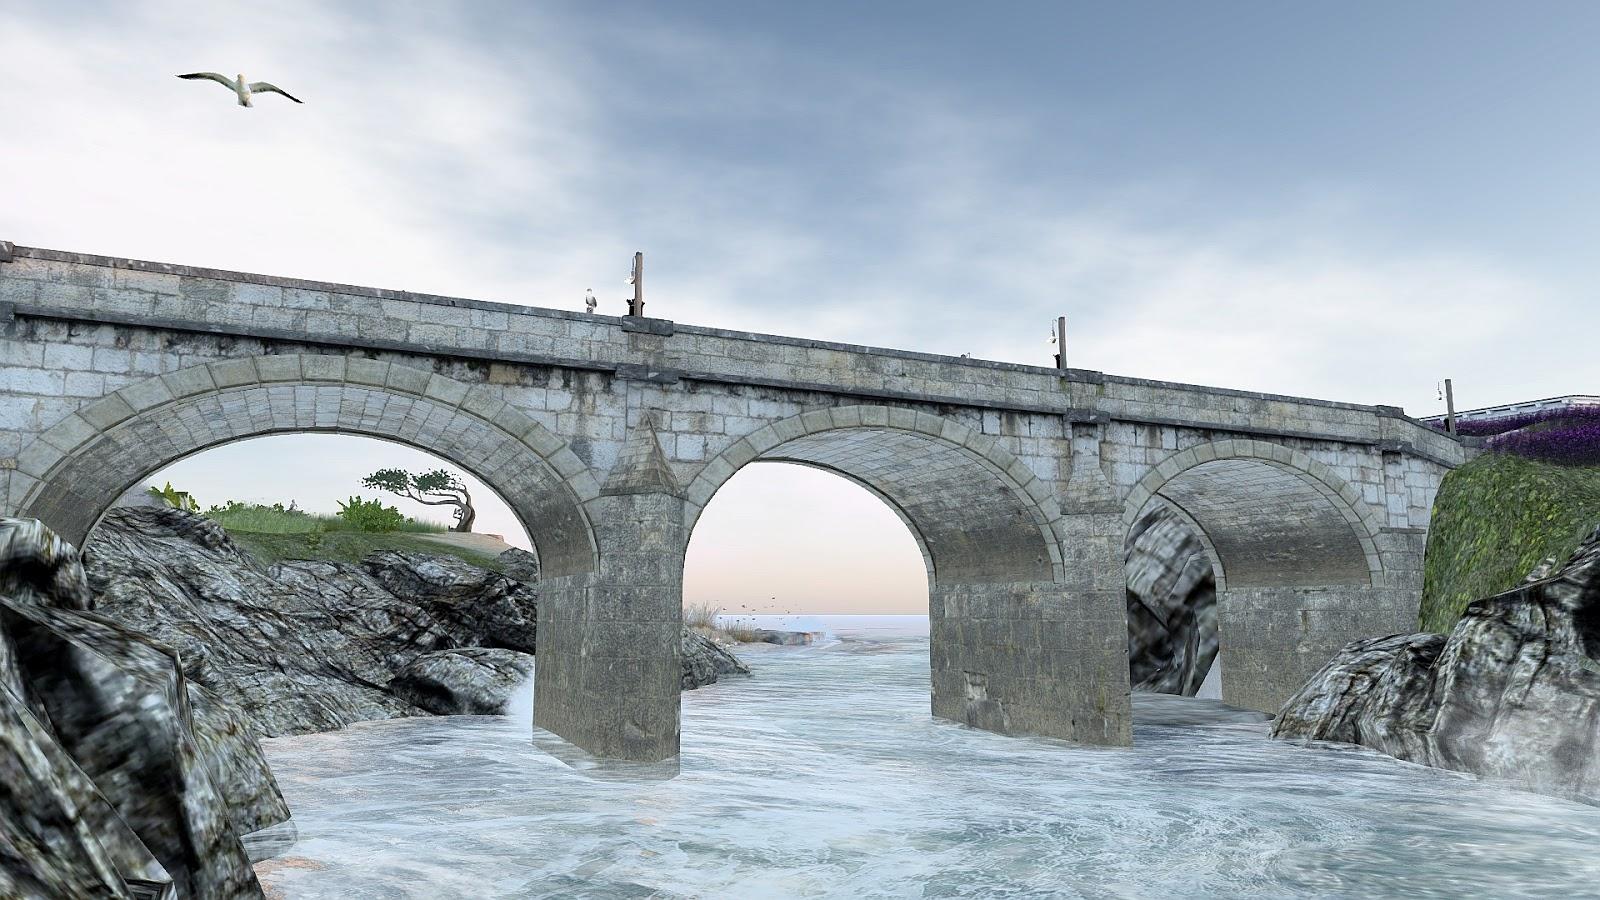 Fein Sims Brücke Fotos - Verdrahtungsideen - korsmi.info